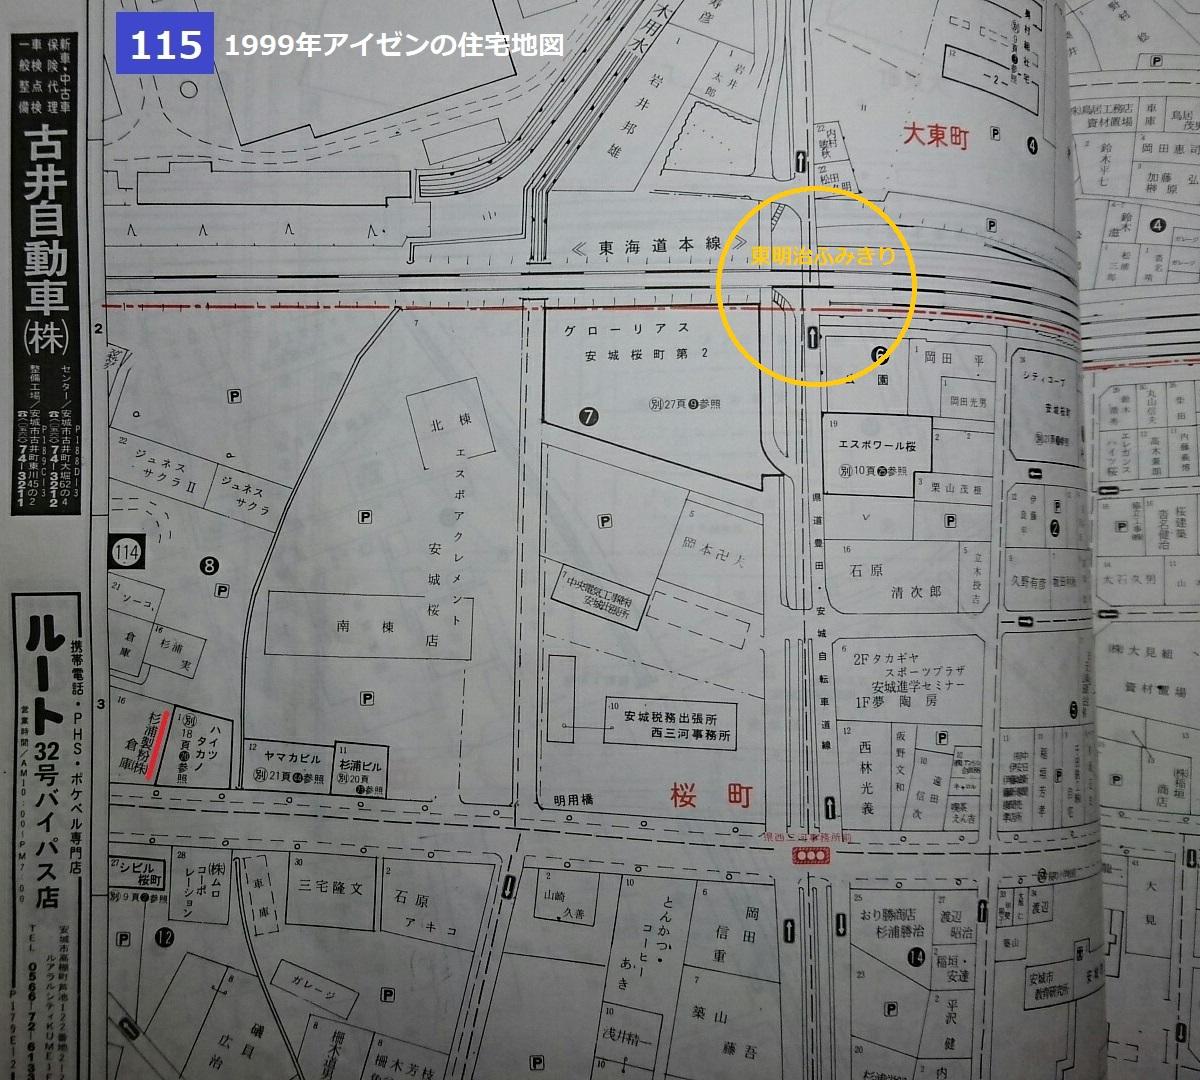 1999年アイゼンの住宅地図 - 杉浦製粉 (2) 1200-1080